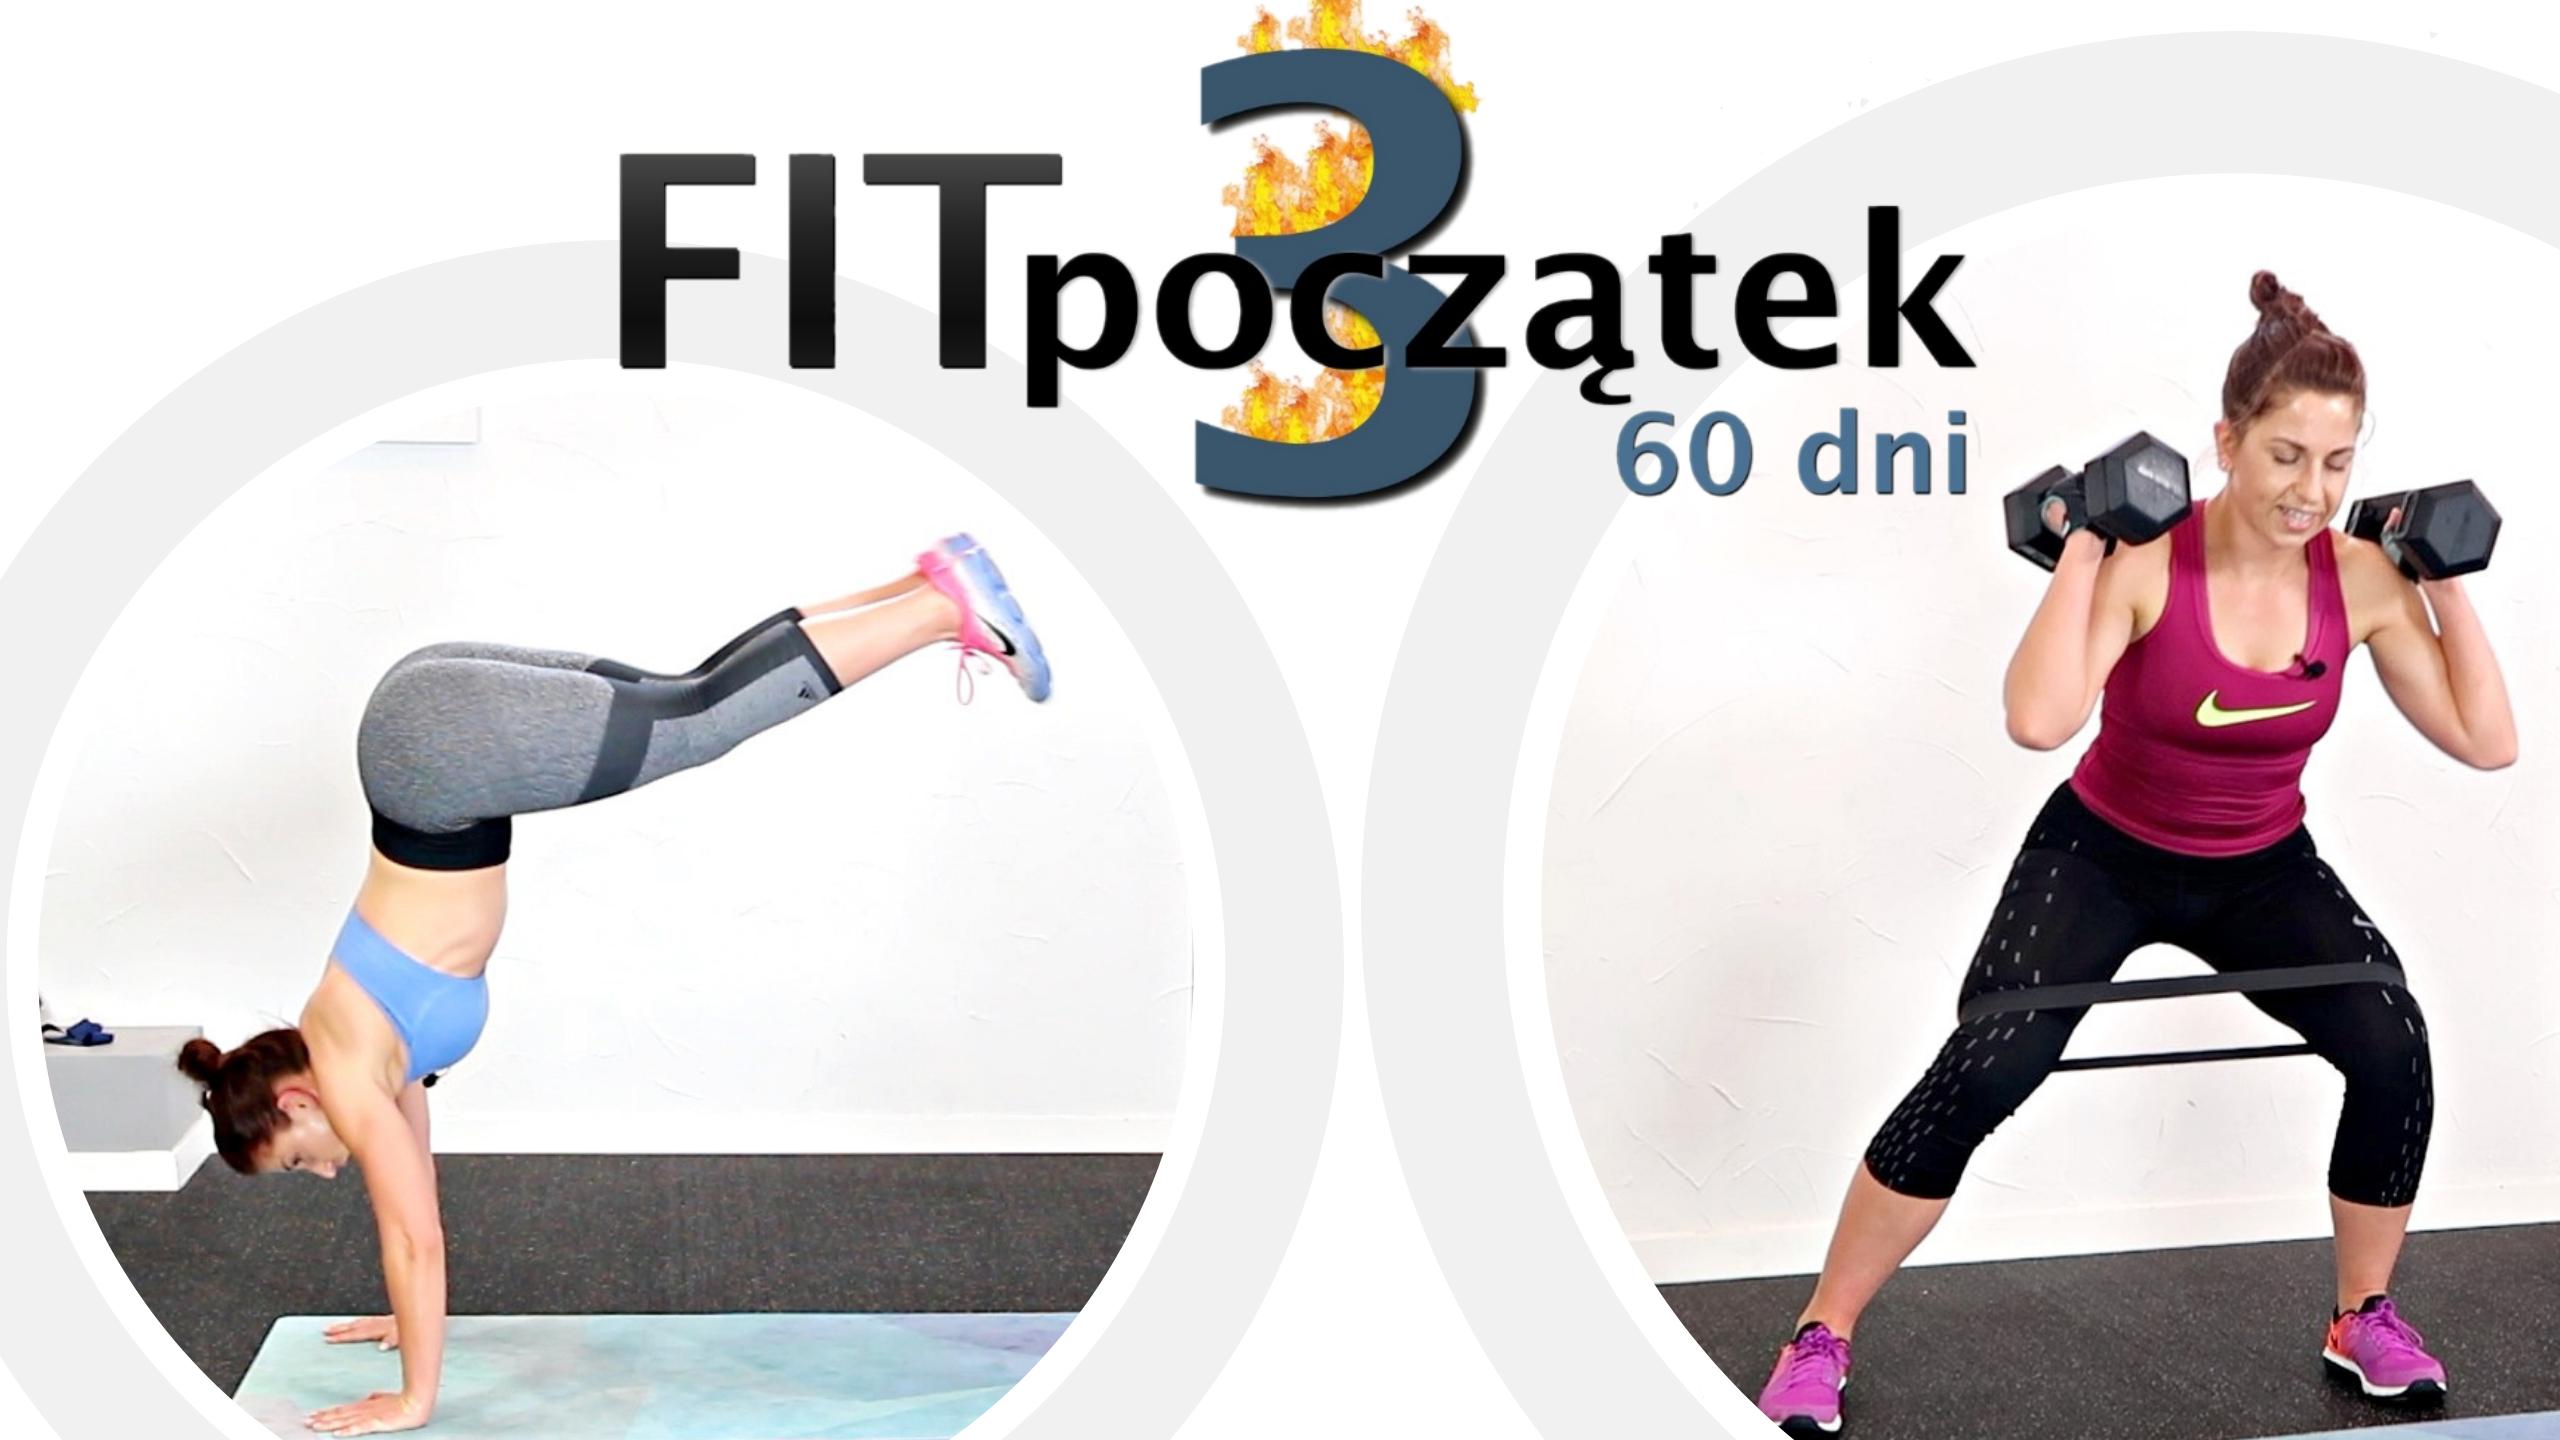 FIT_POCZĄTEK_3